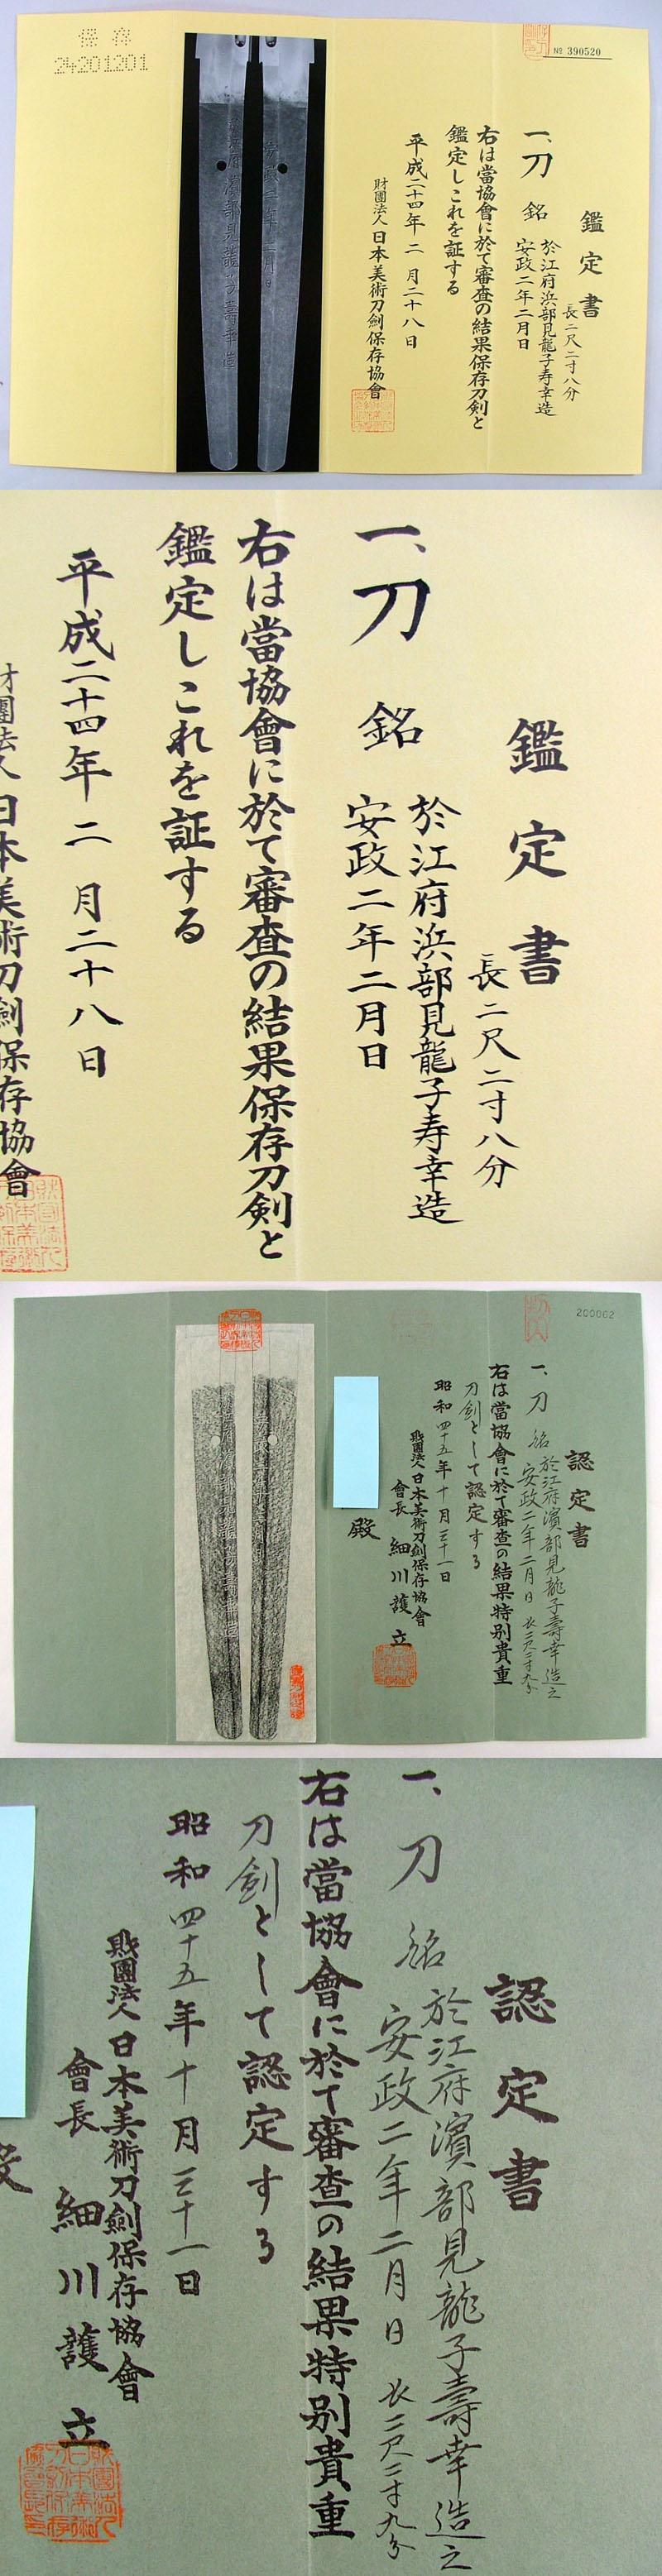 於江府浜部見龍子寿幸造 Picture of Certificate